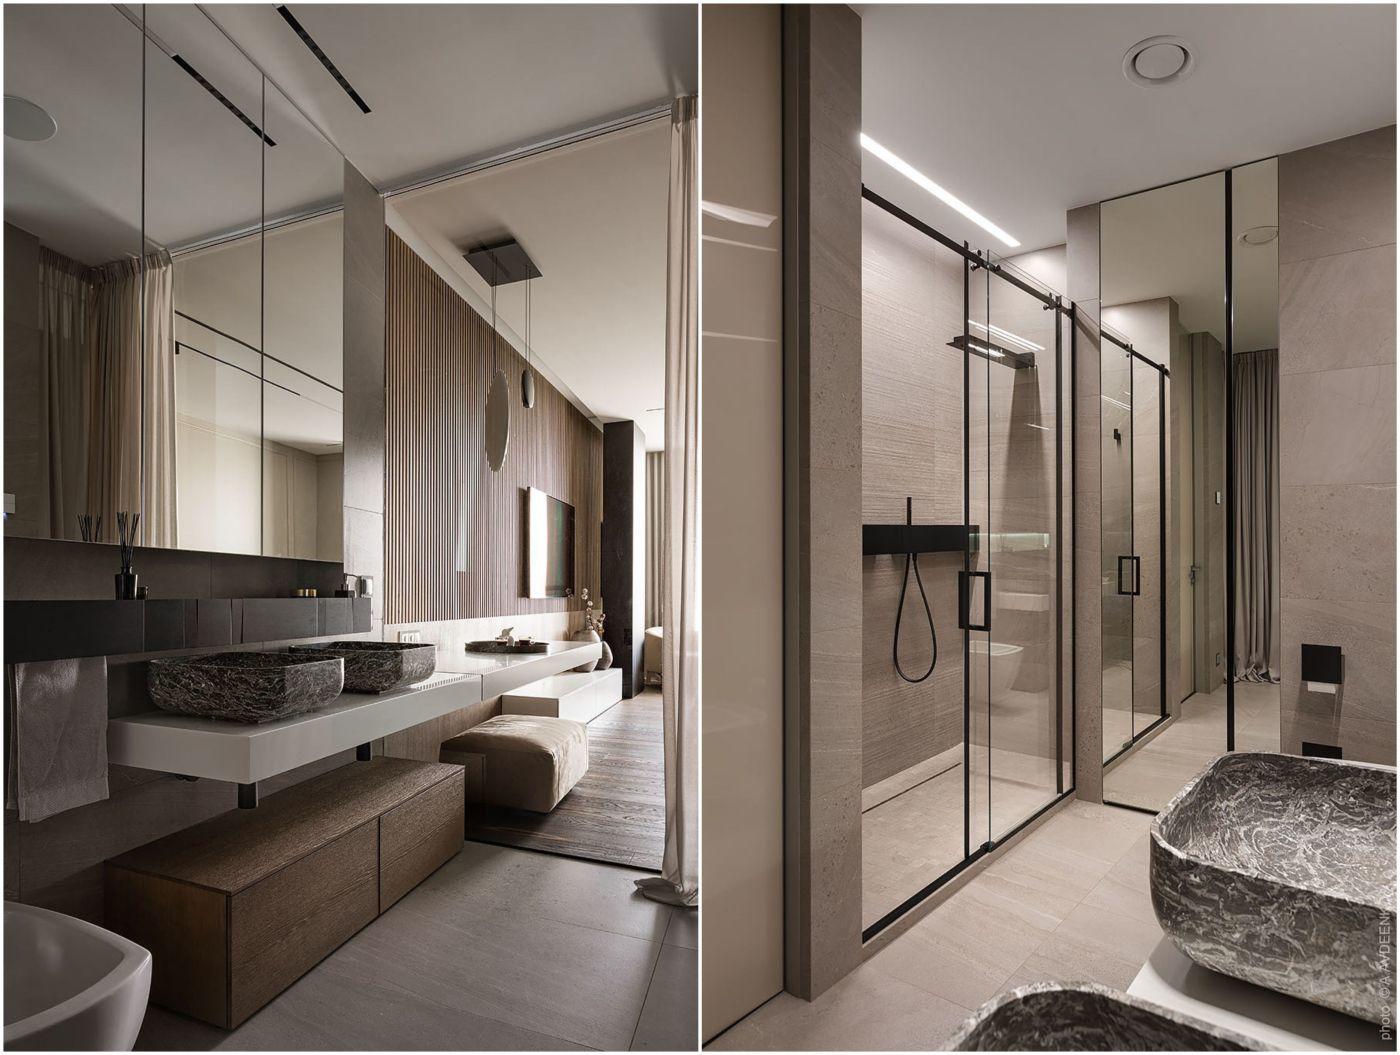 Közvetlen kapcsolatban a fürdőszoba és a hálószoba